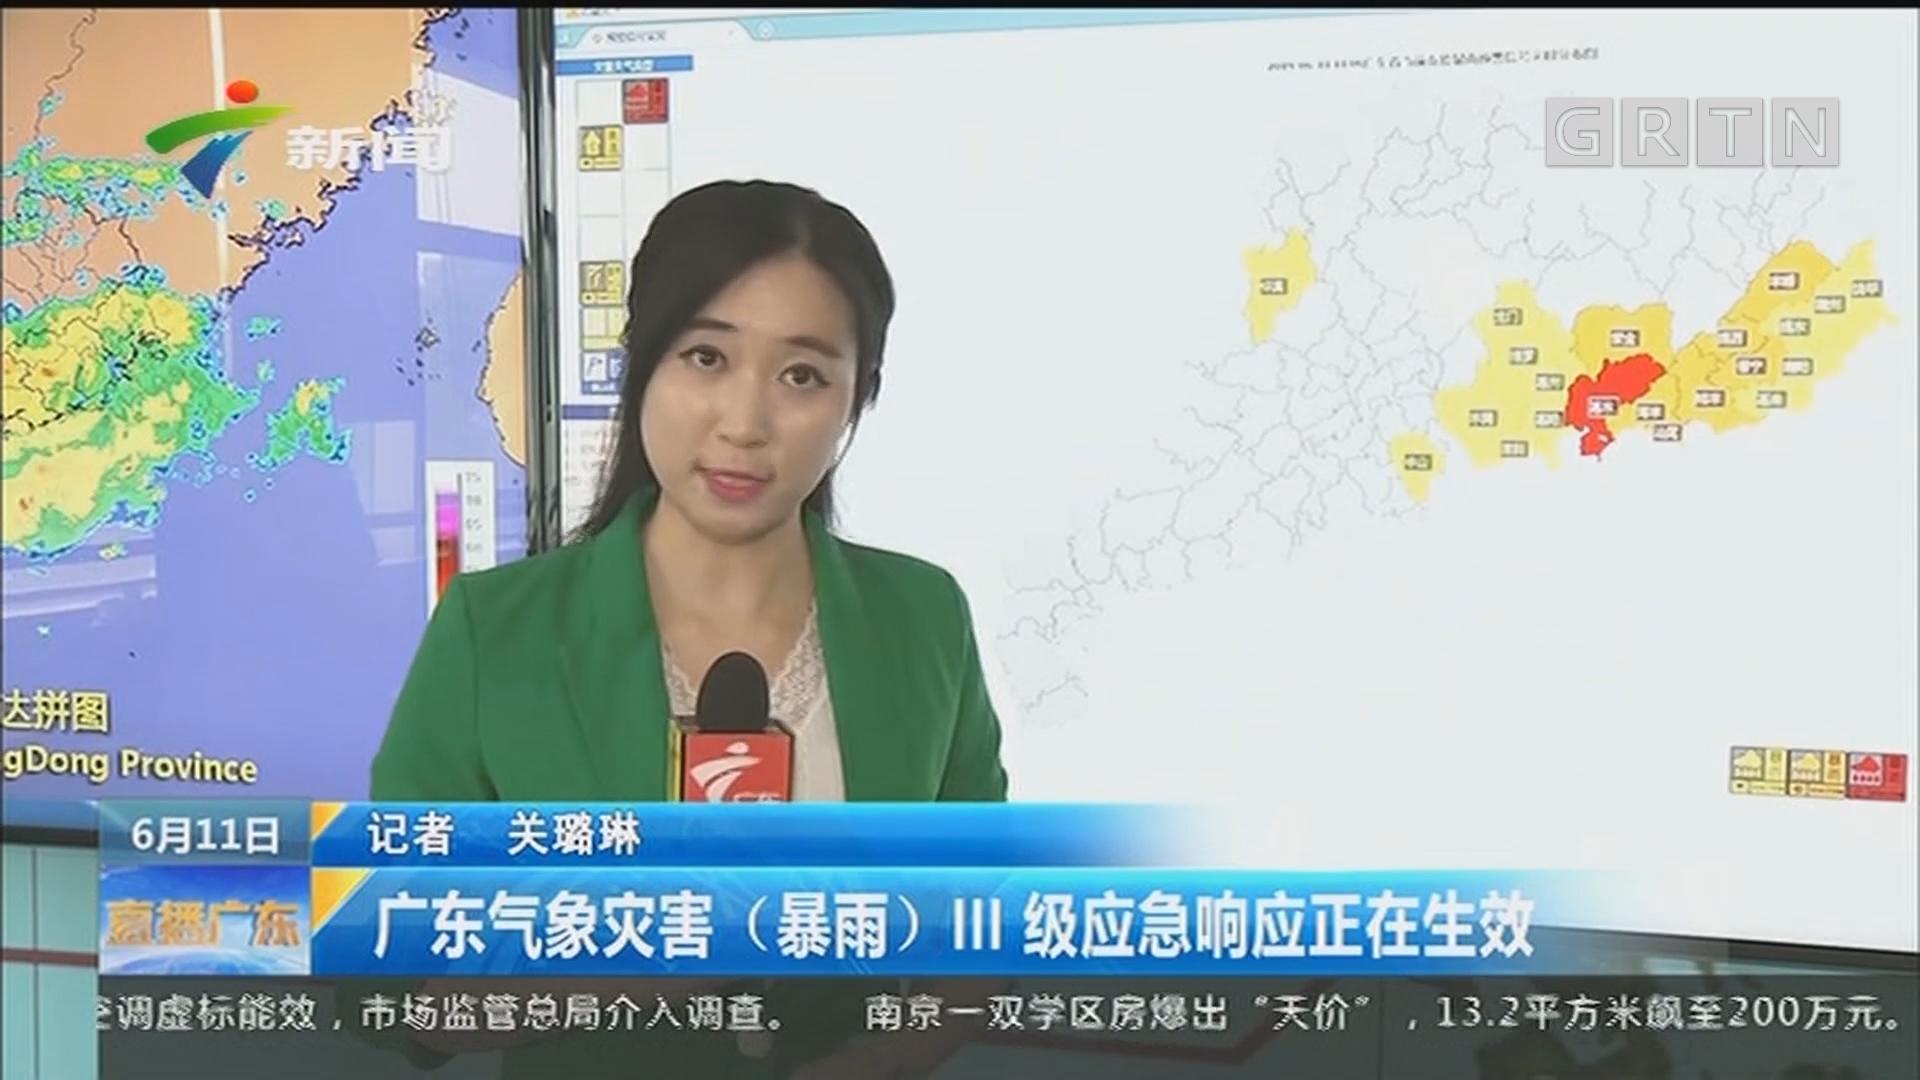 manbetx手机版 - 登陆气象灾害(暴雨)Ⅲ级应急响应正在生效